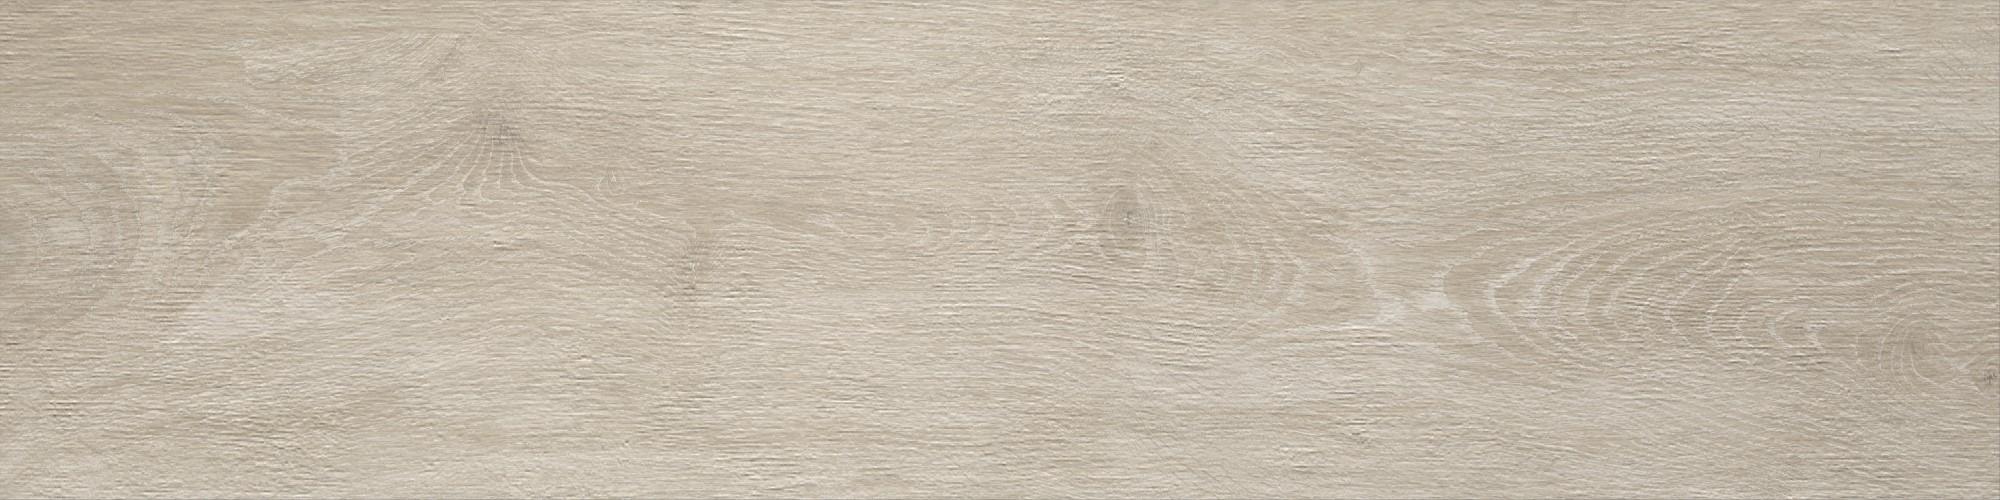 Roca płytka drewnopodobna 20x120 gres hiszpański